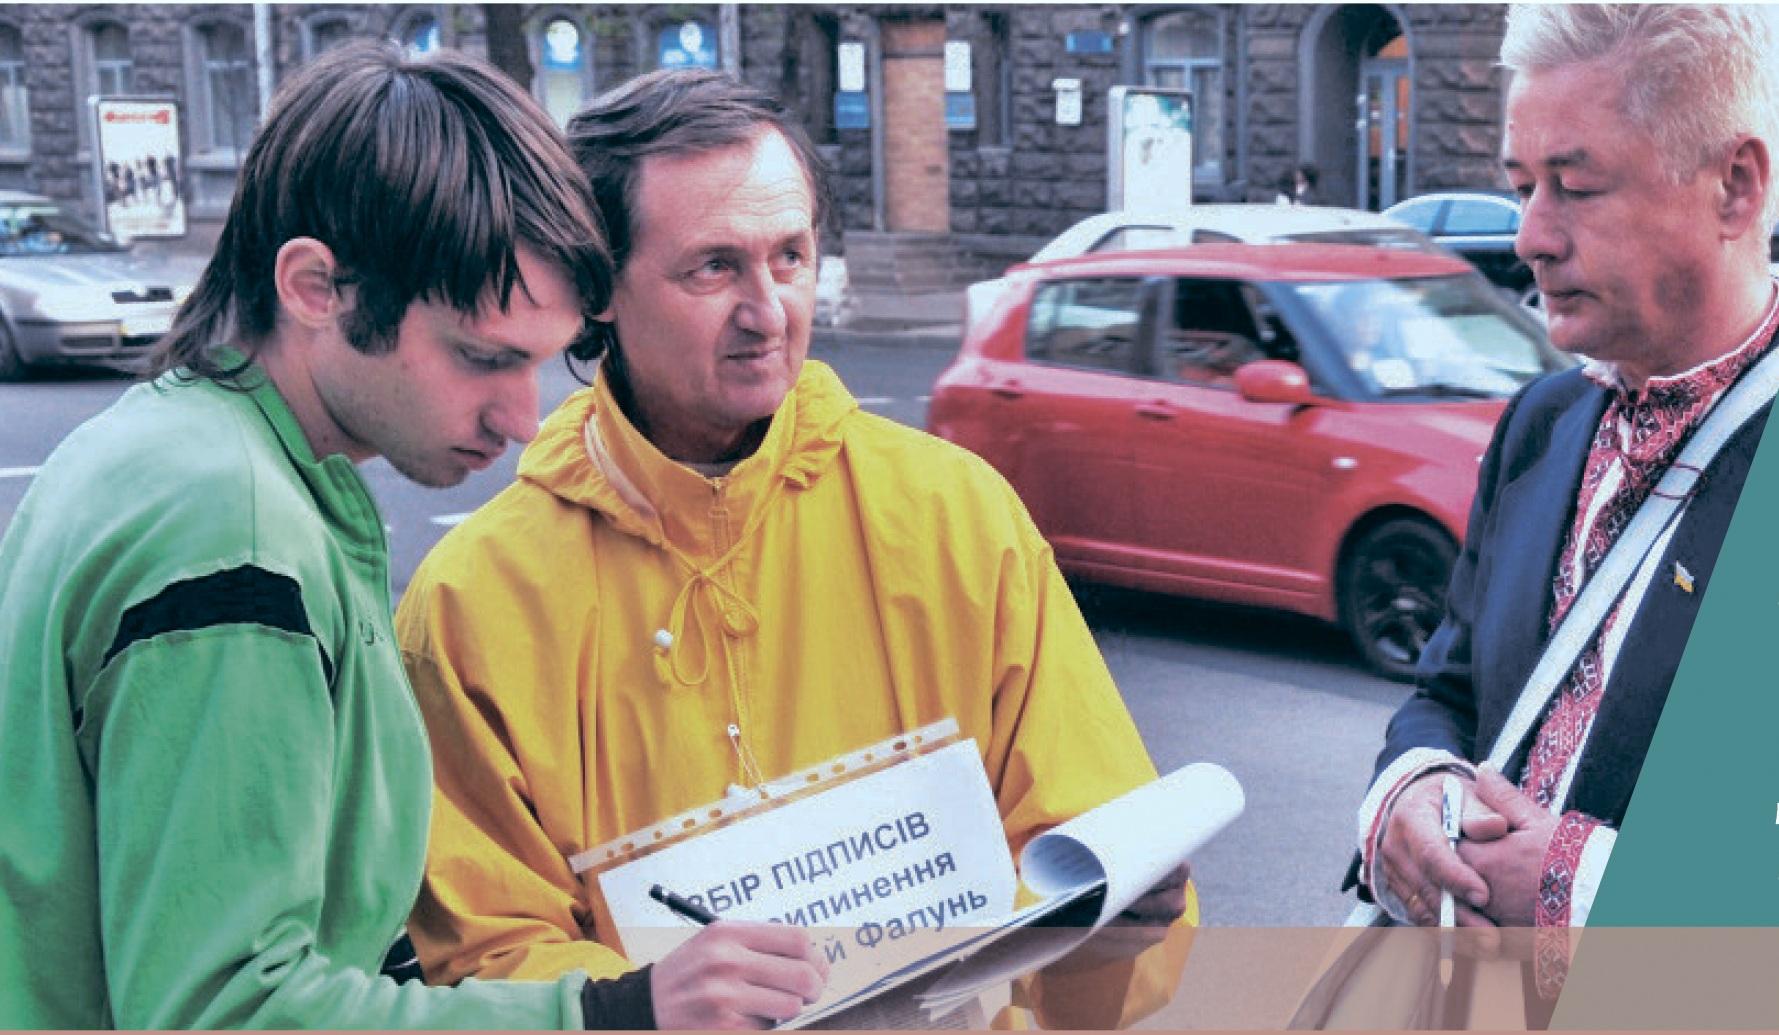 Анатолій збирає підписи під петицією в Києві навпроти кітайсьтого посольства